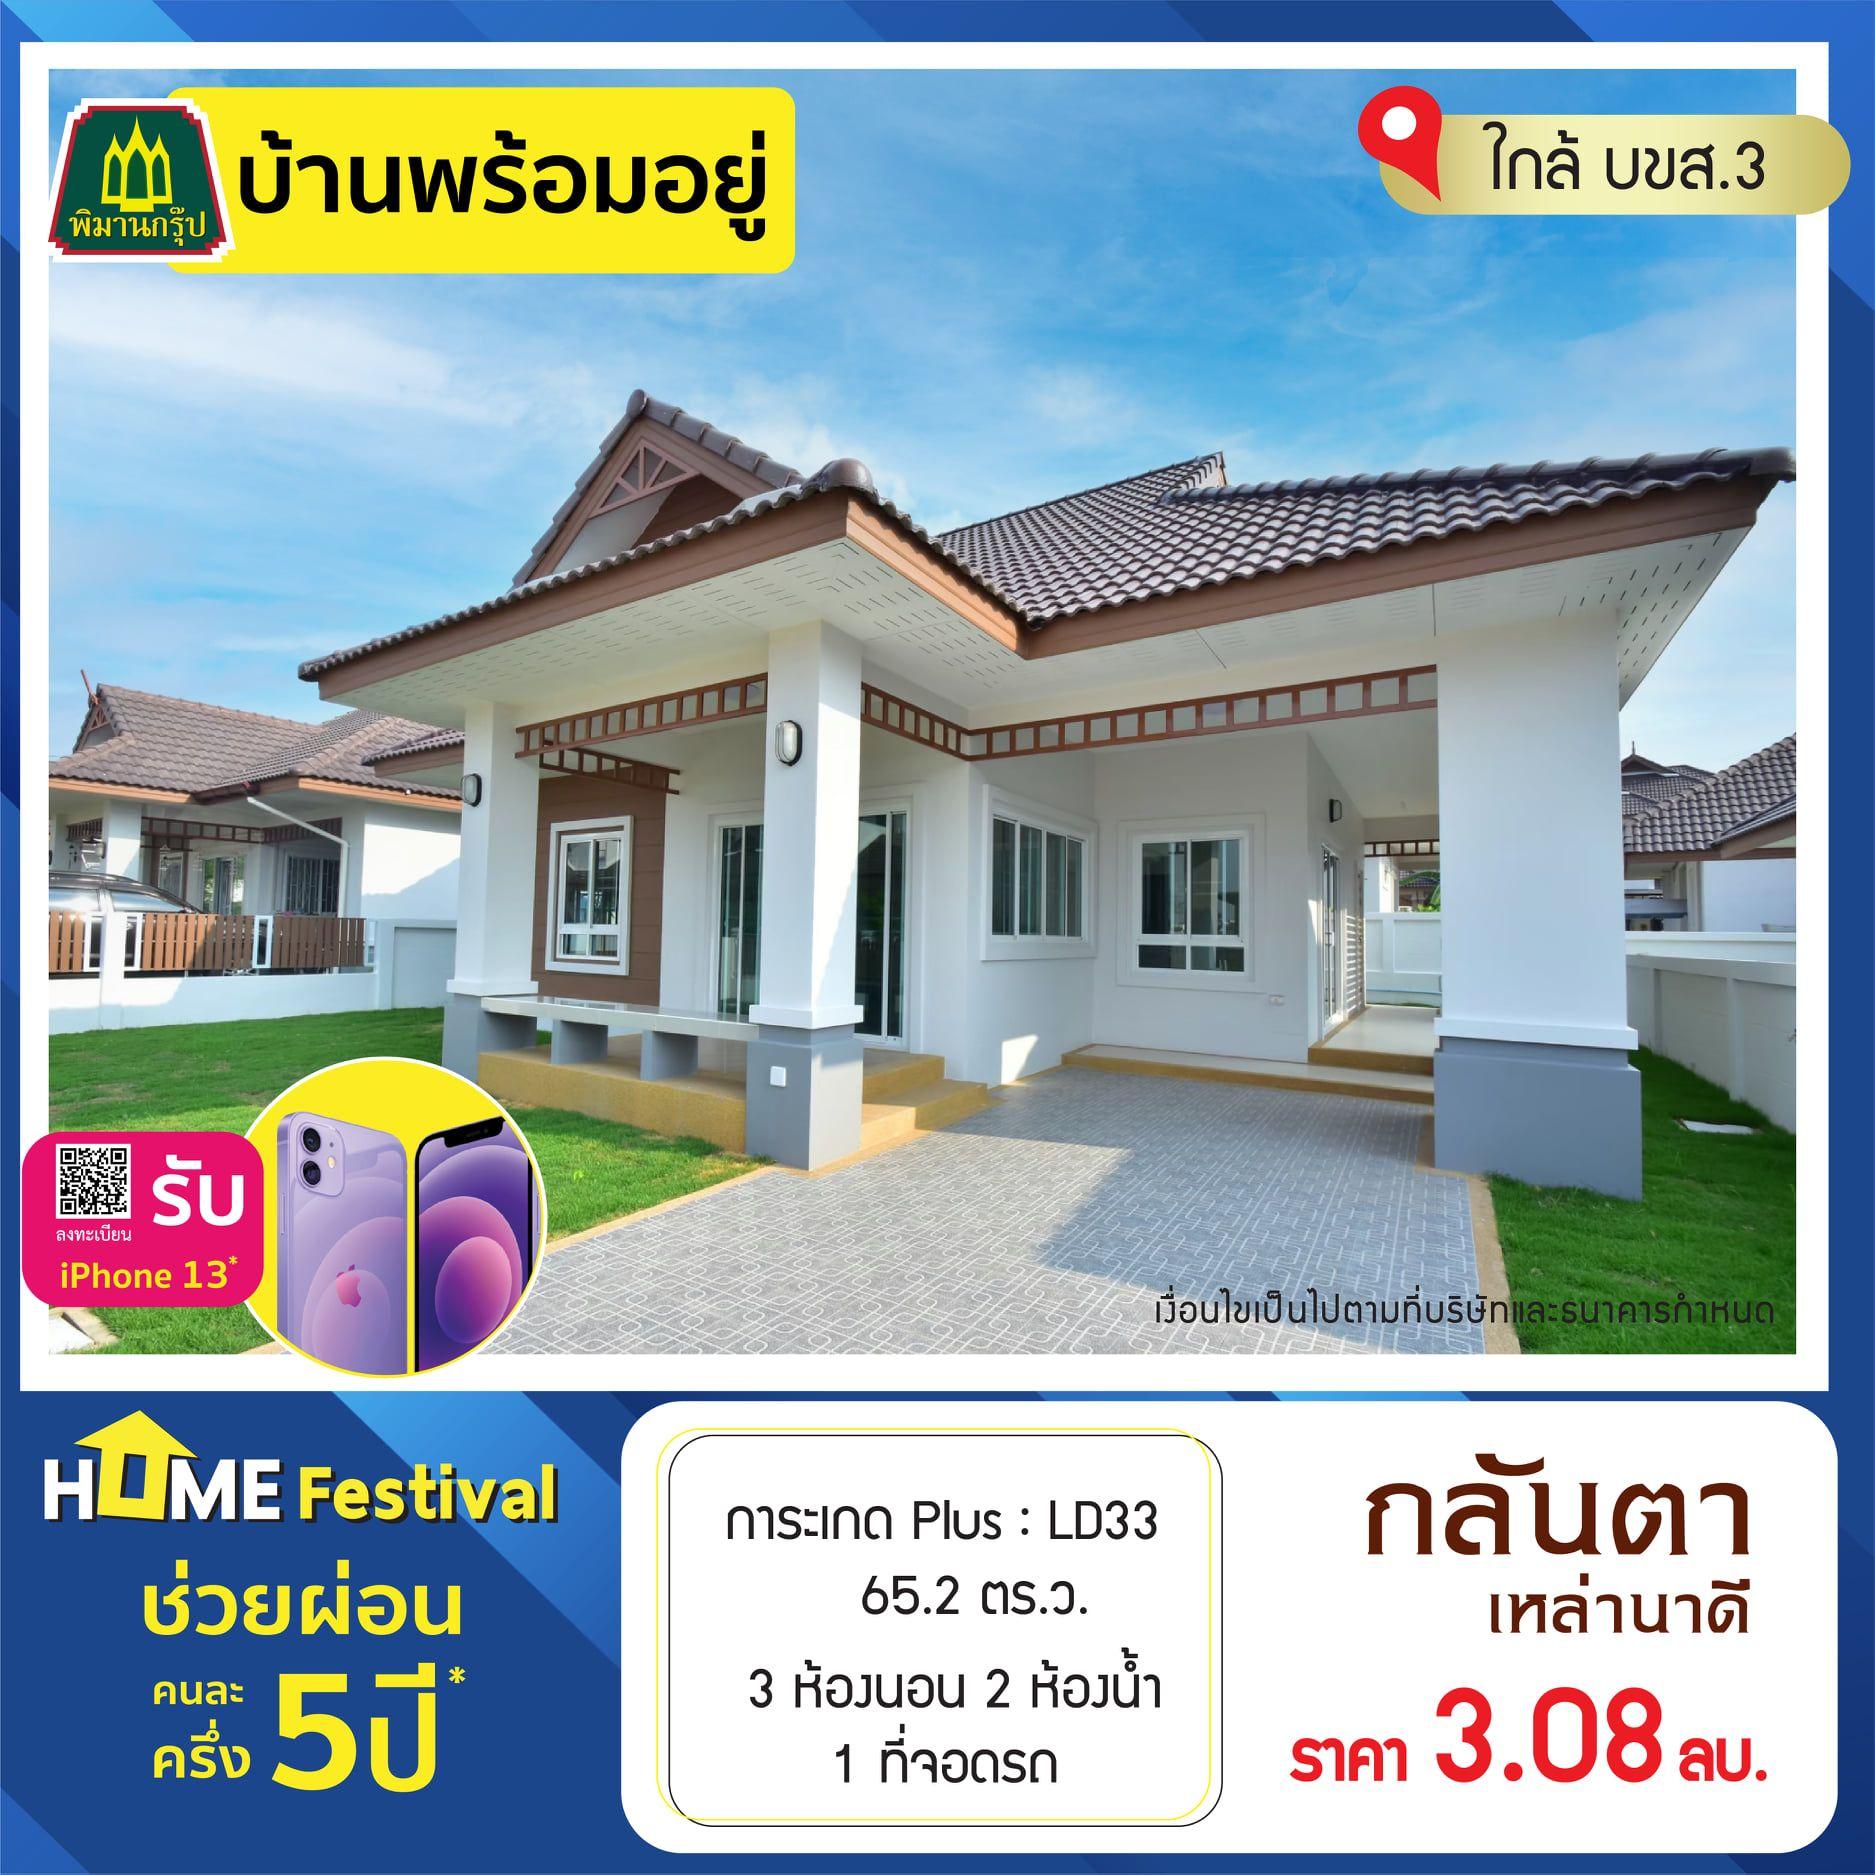 บ้านขอนแก่น พิมาน กลันตา